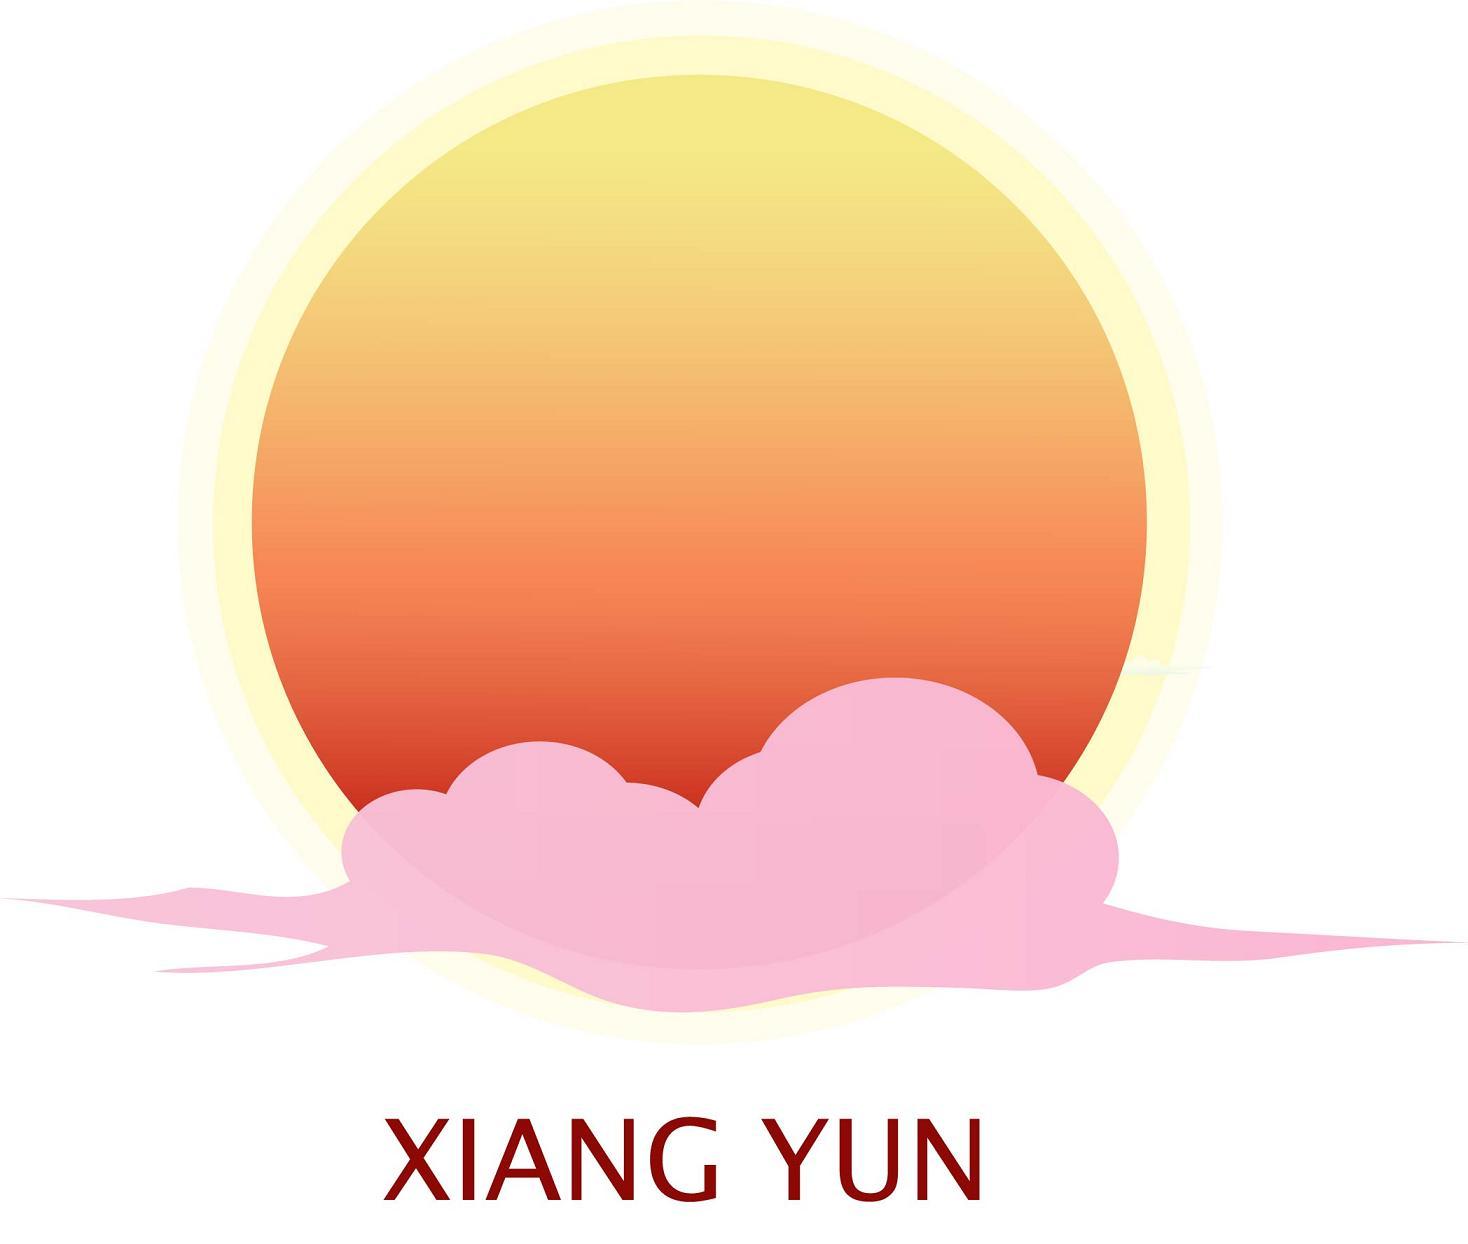 Xiangyun International Group Co., Ltd